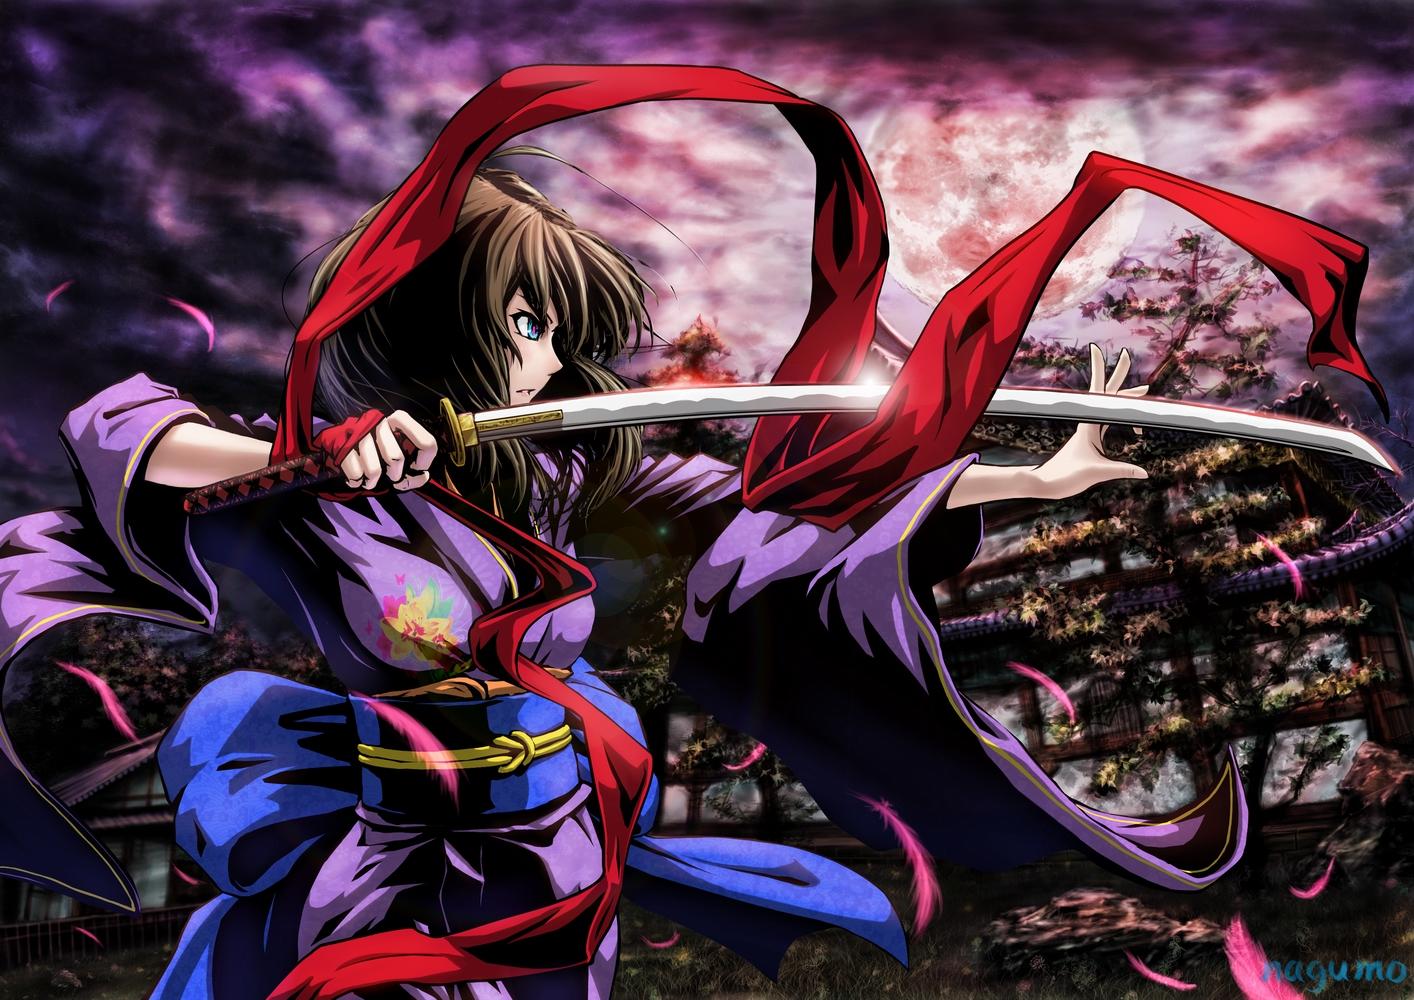 ryougi shiki weapons knife - photo #16